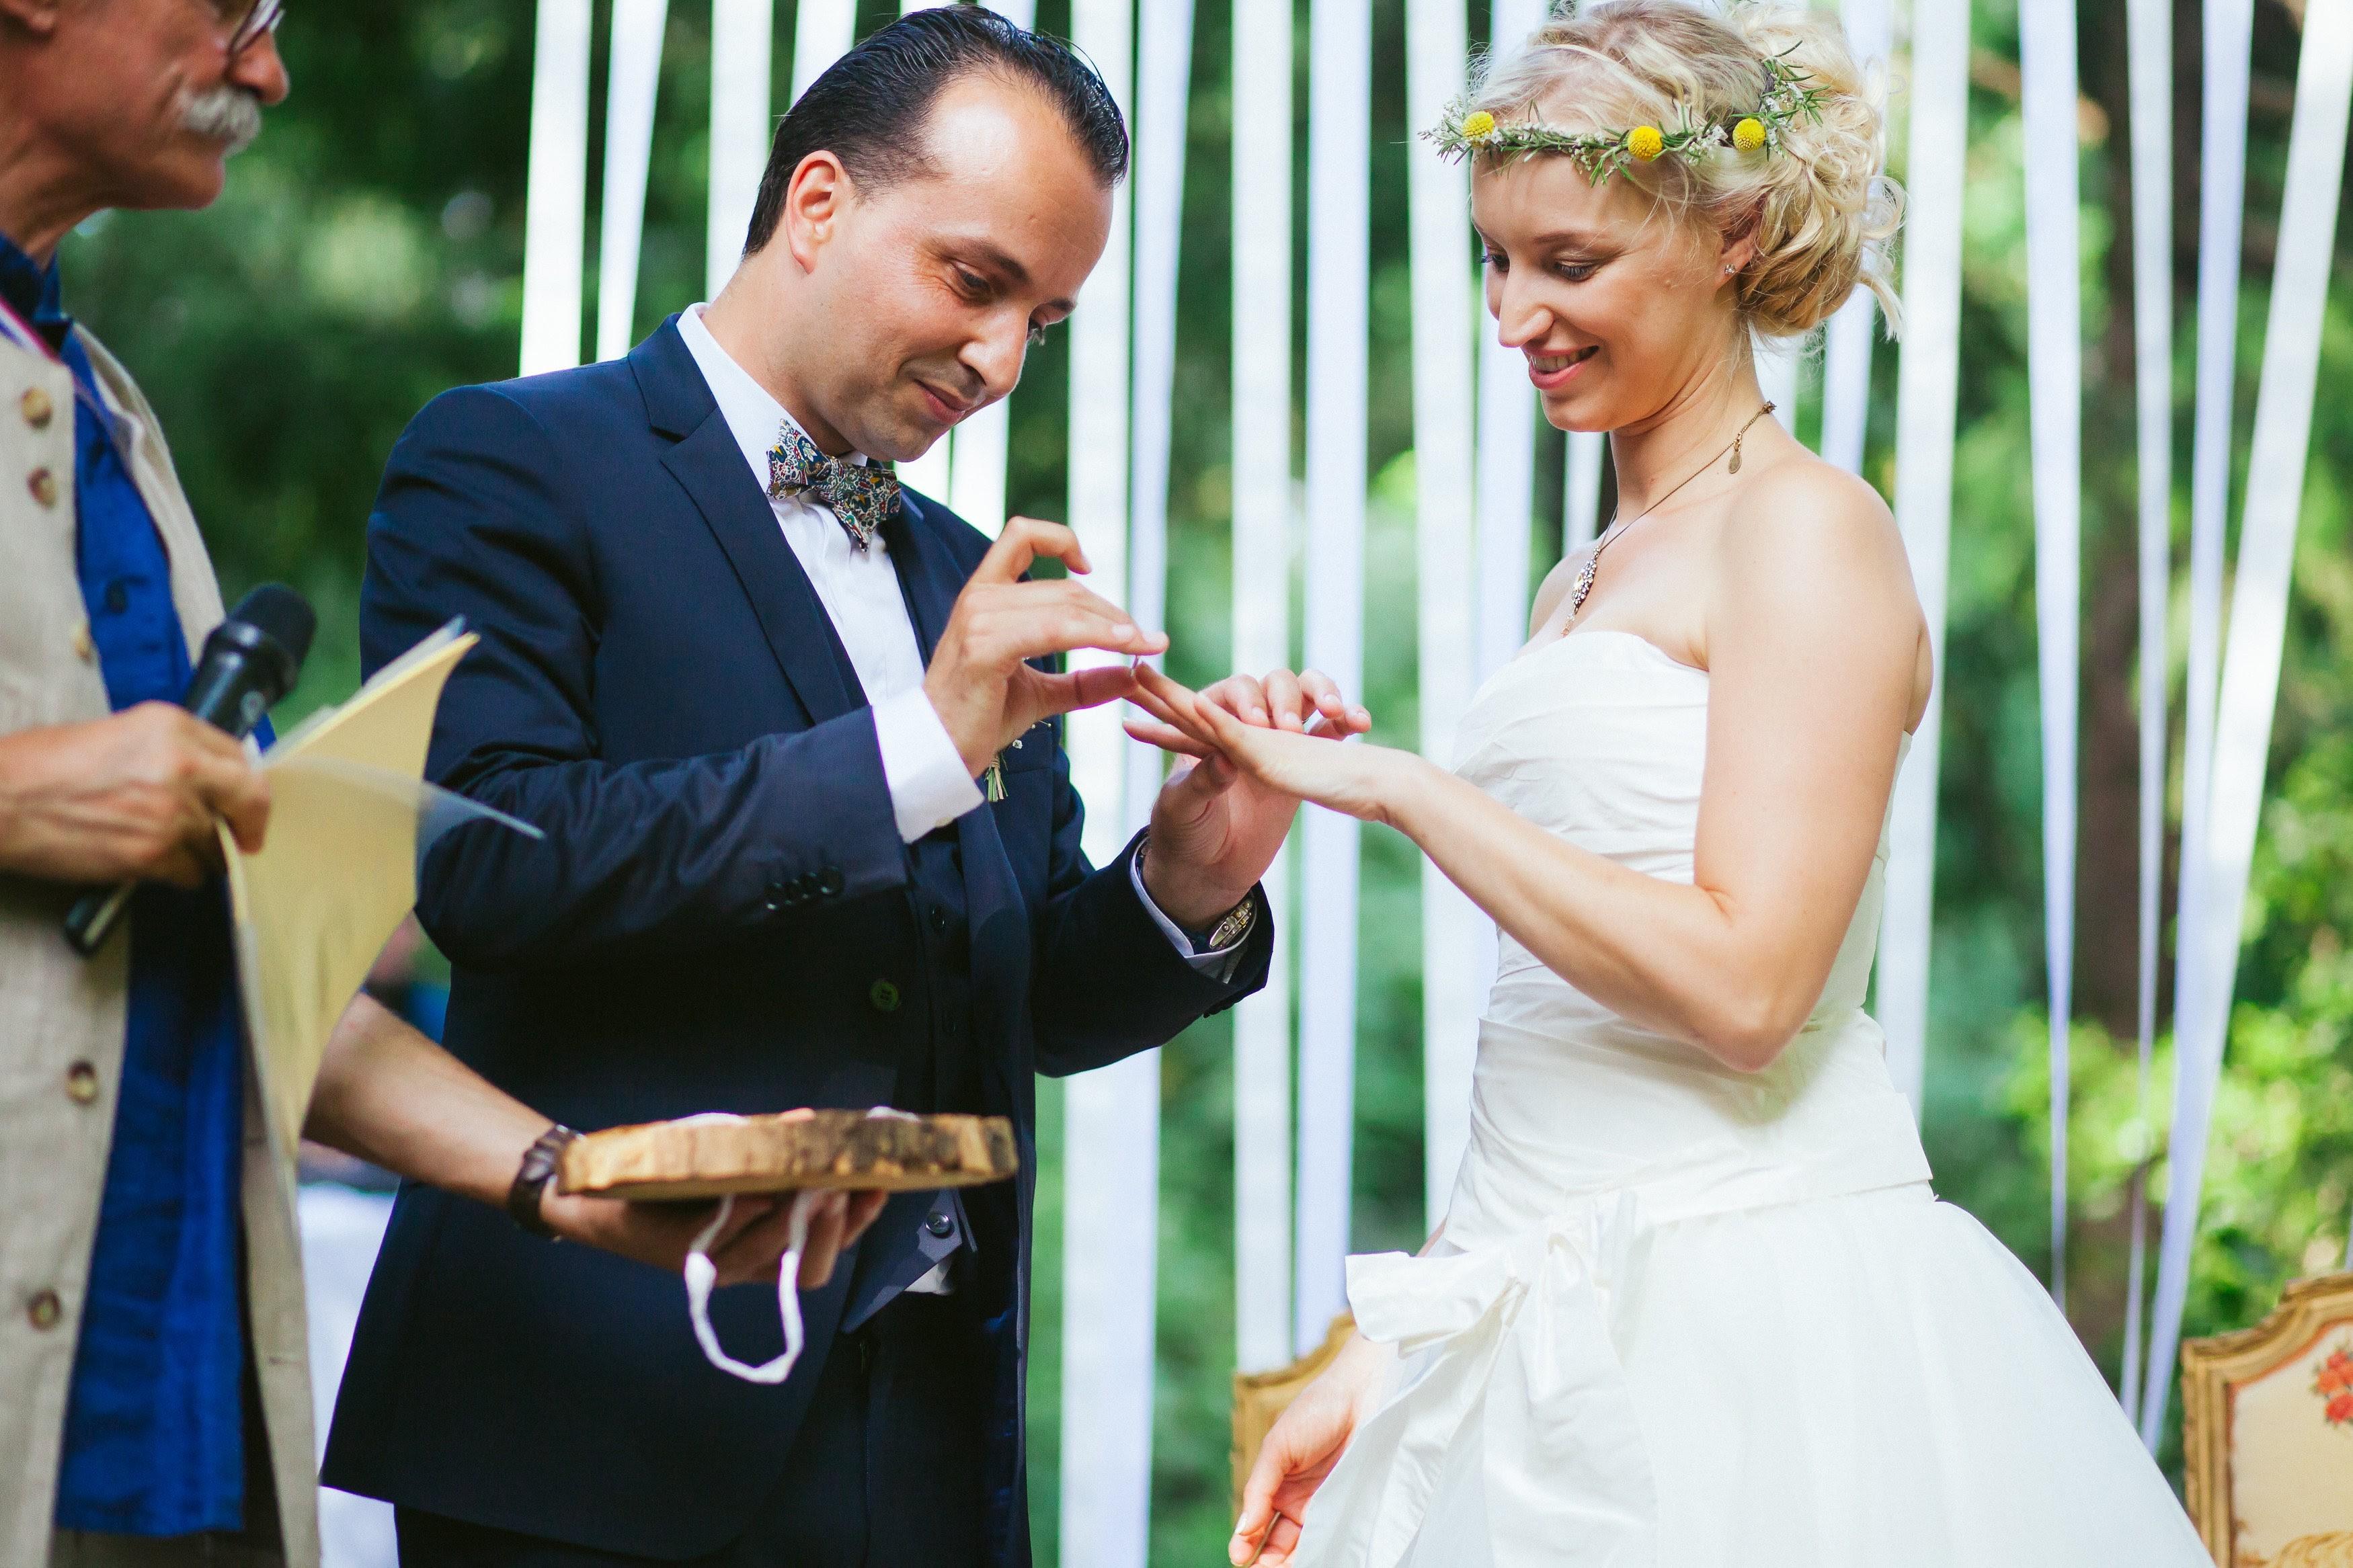 Le mariage rétro-champêtre, loin de chez eux, de Madame Vintage !